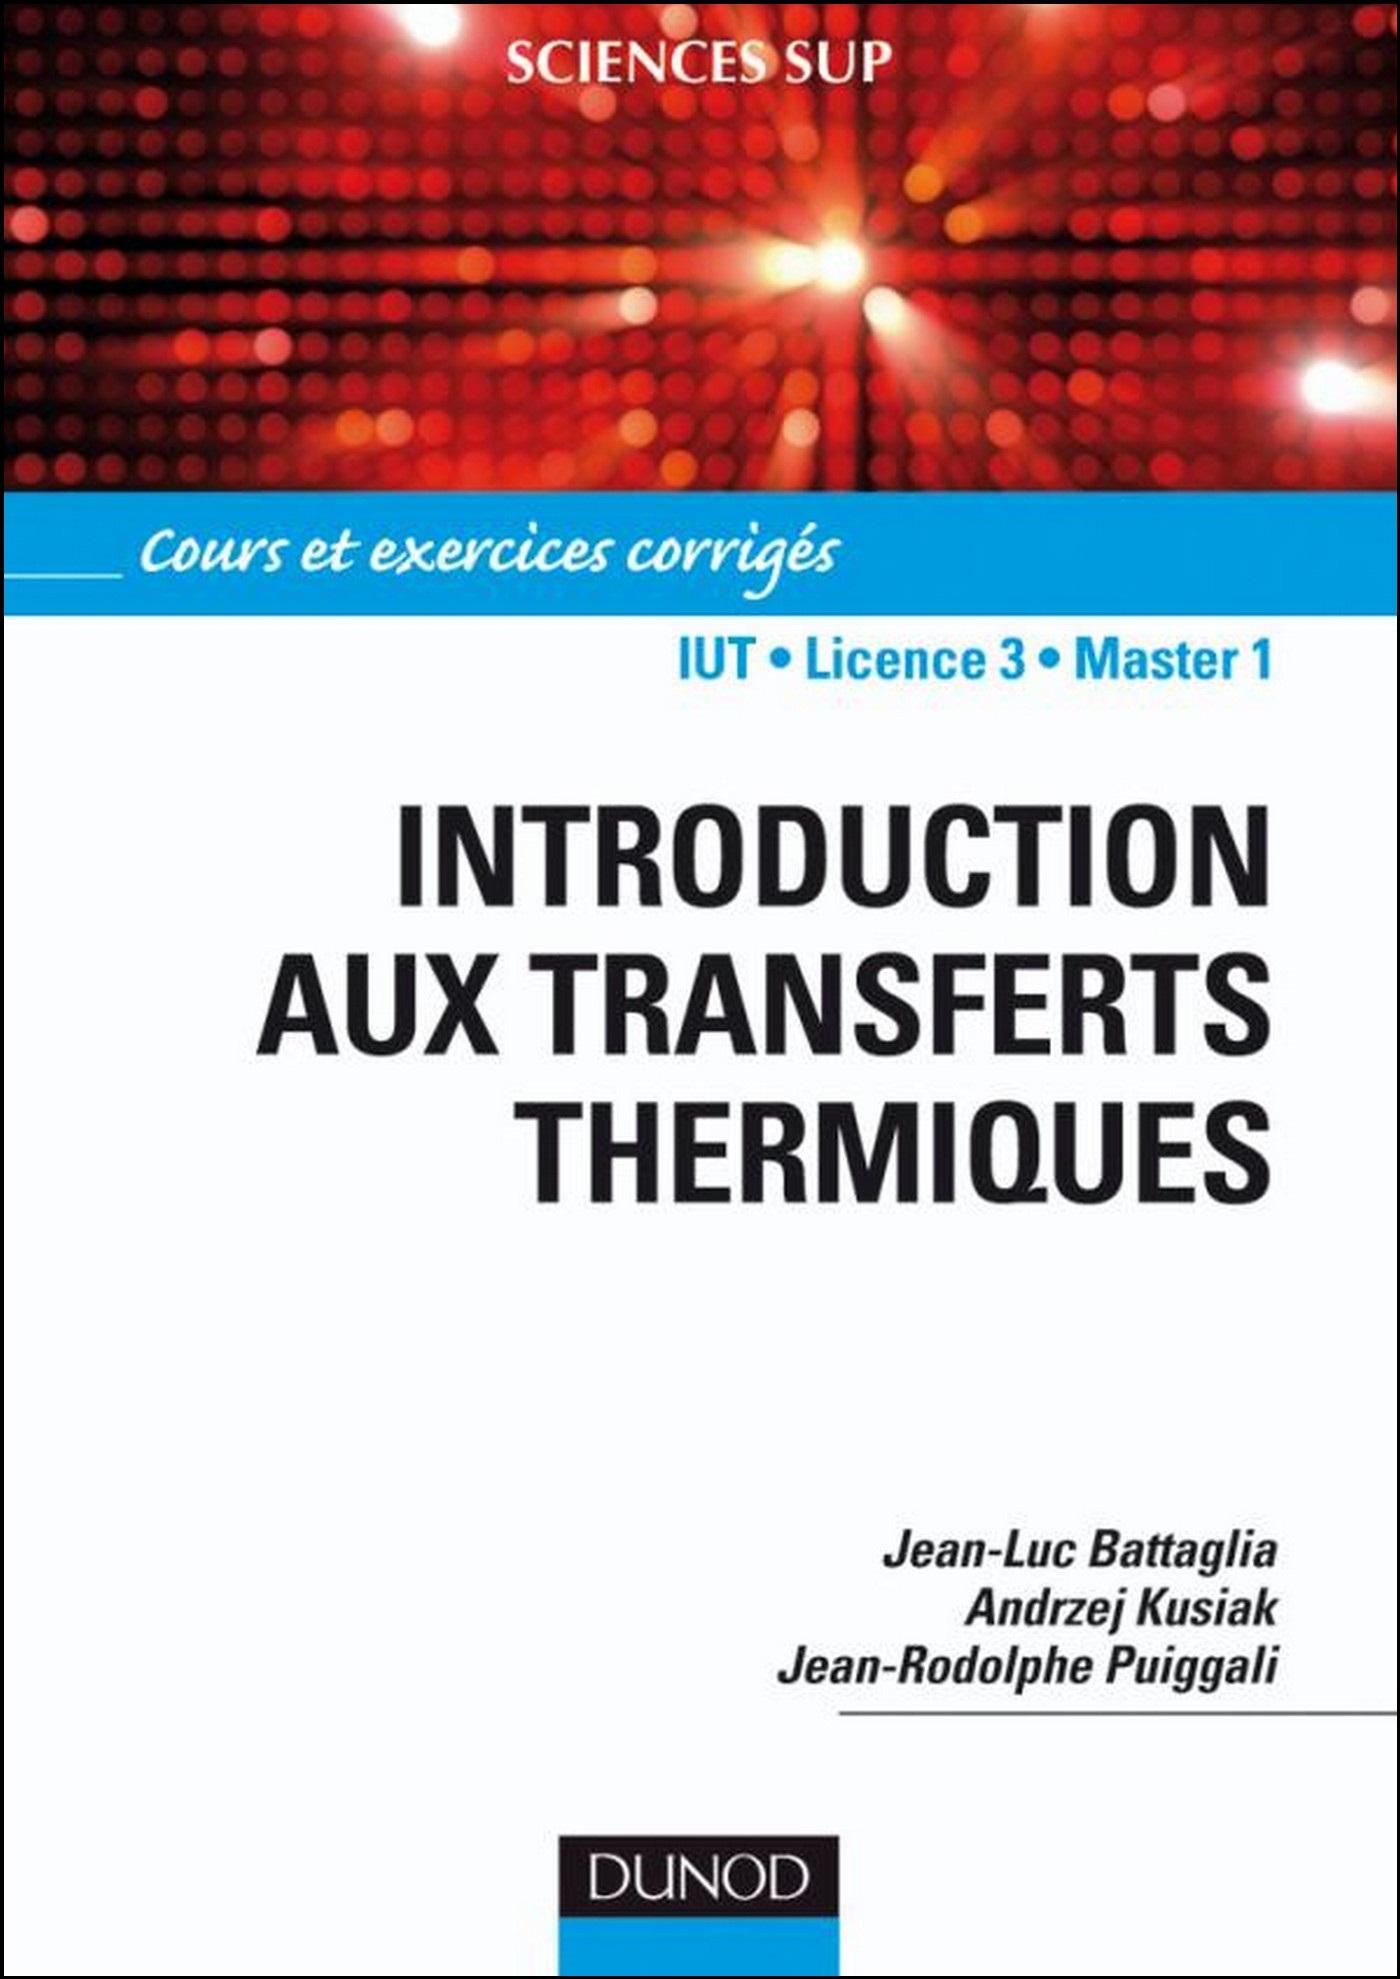 télécharger Introduction aux transferts thermiques - Cours et exercices corrigés